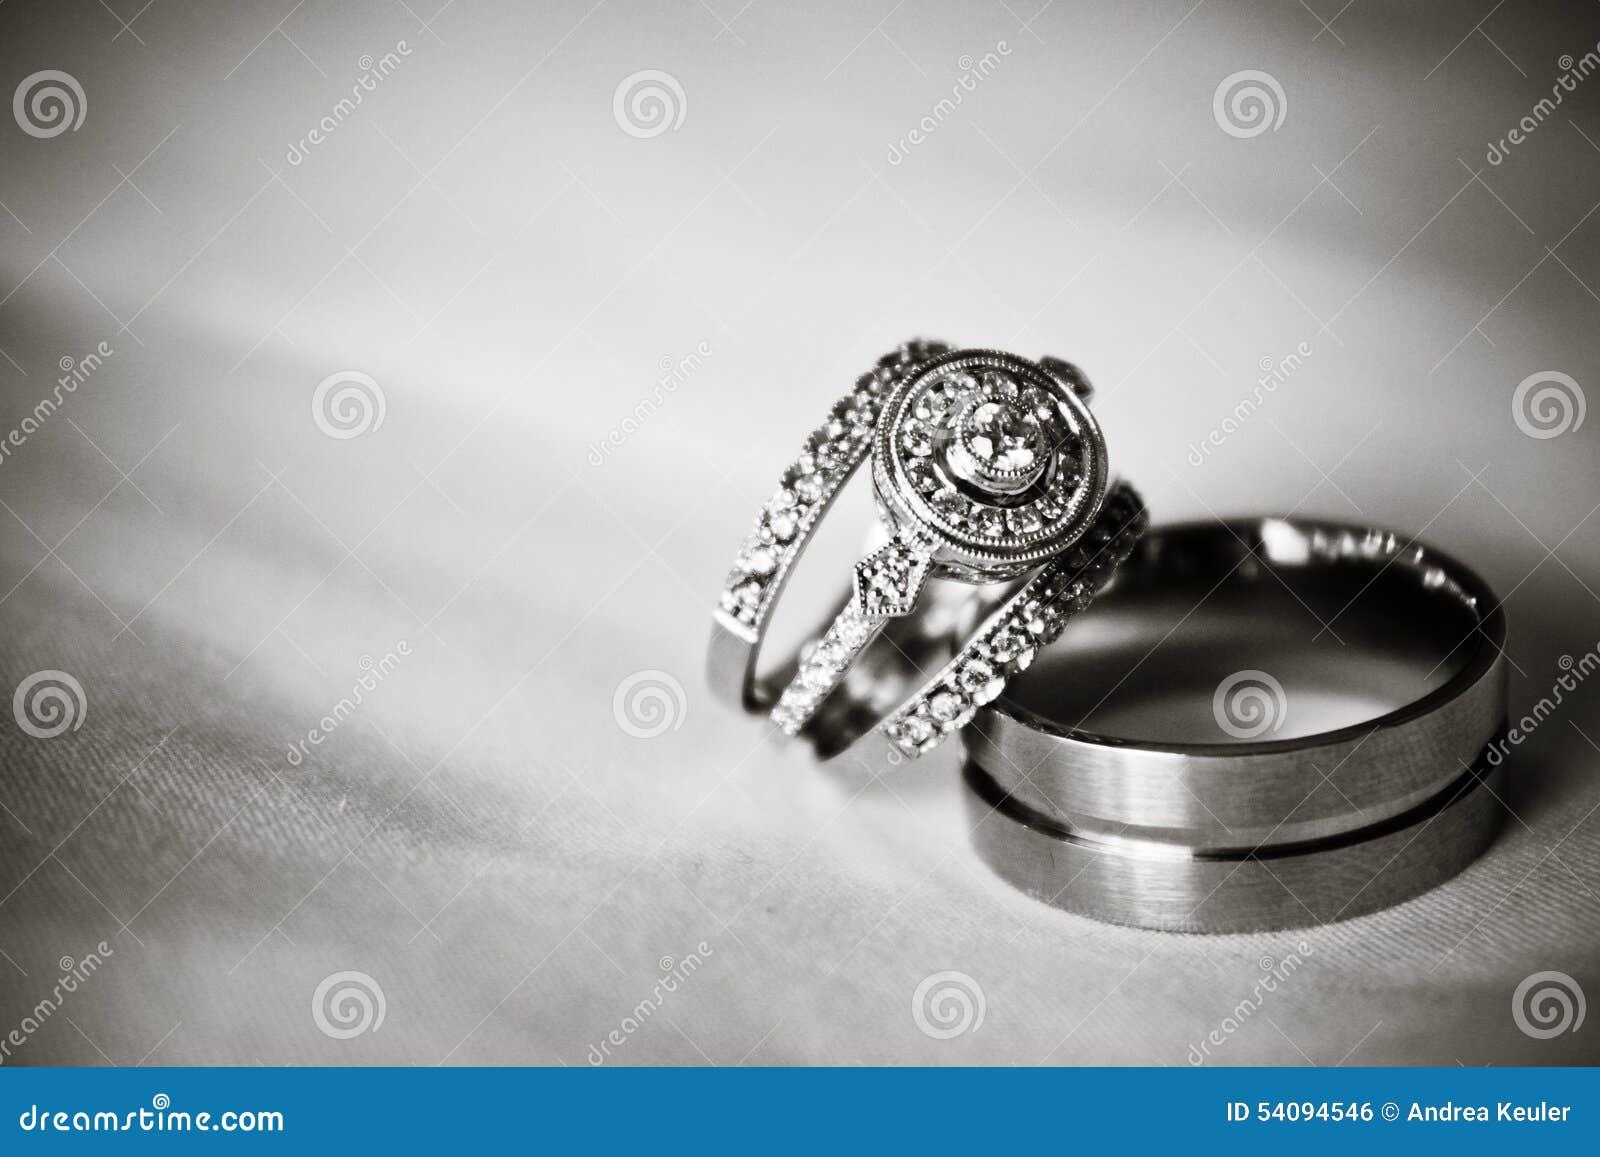 Anneaux De Mariage Noir Et Blanc Photo Stock Image Du